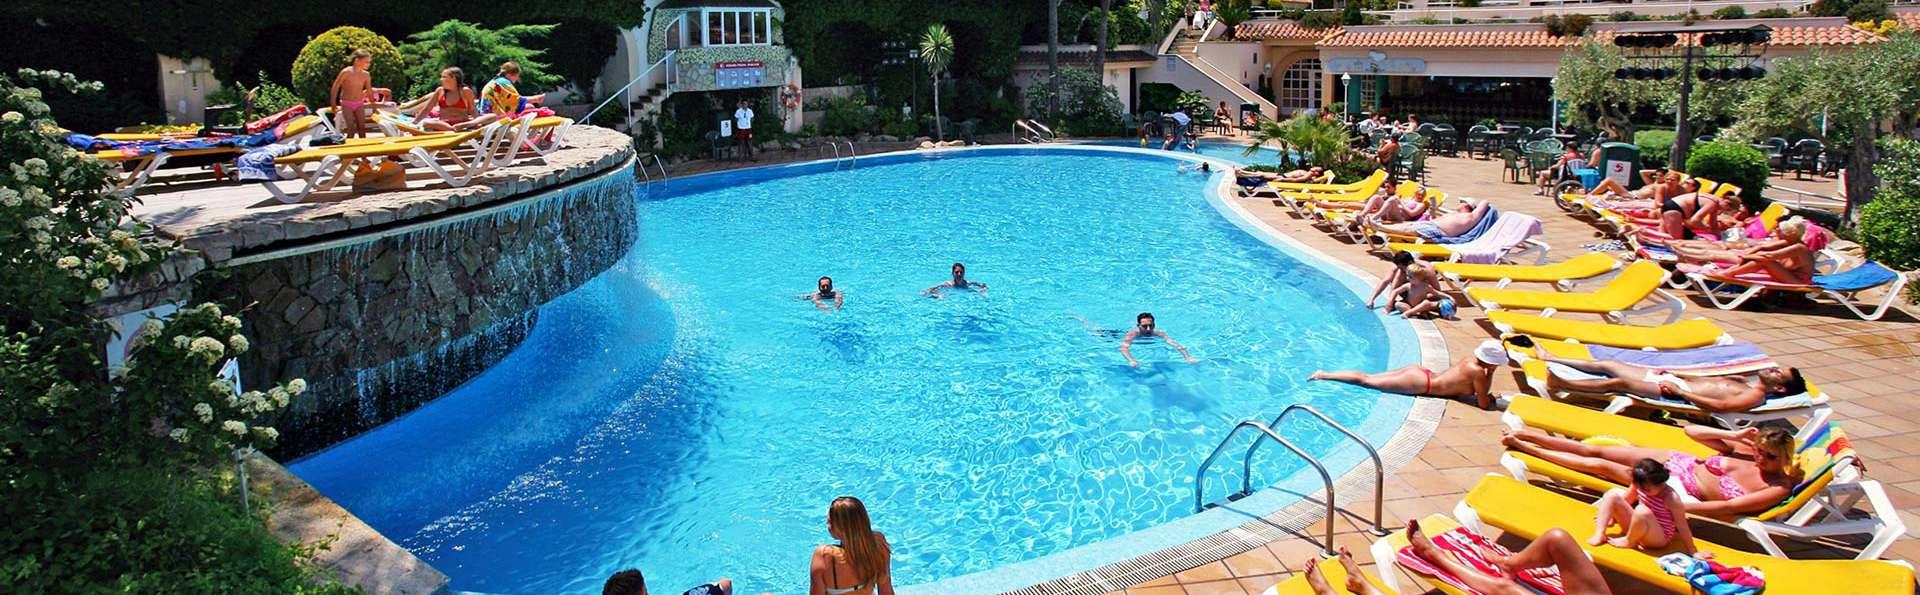 Hotel Guitart Central Park Lloret De Mar Opiniones